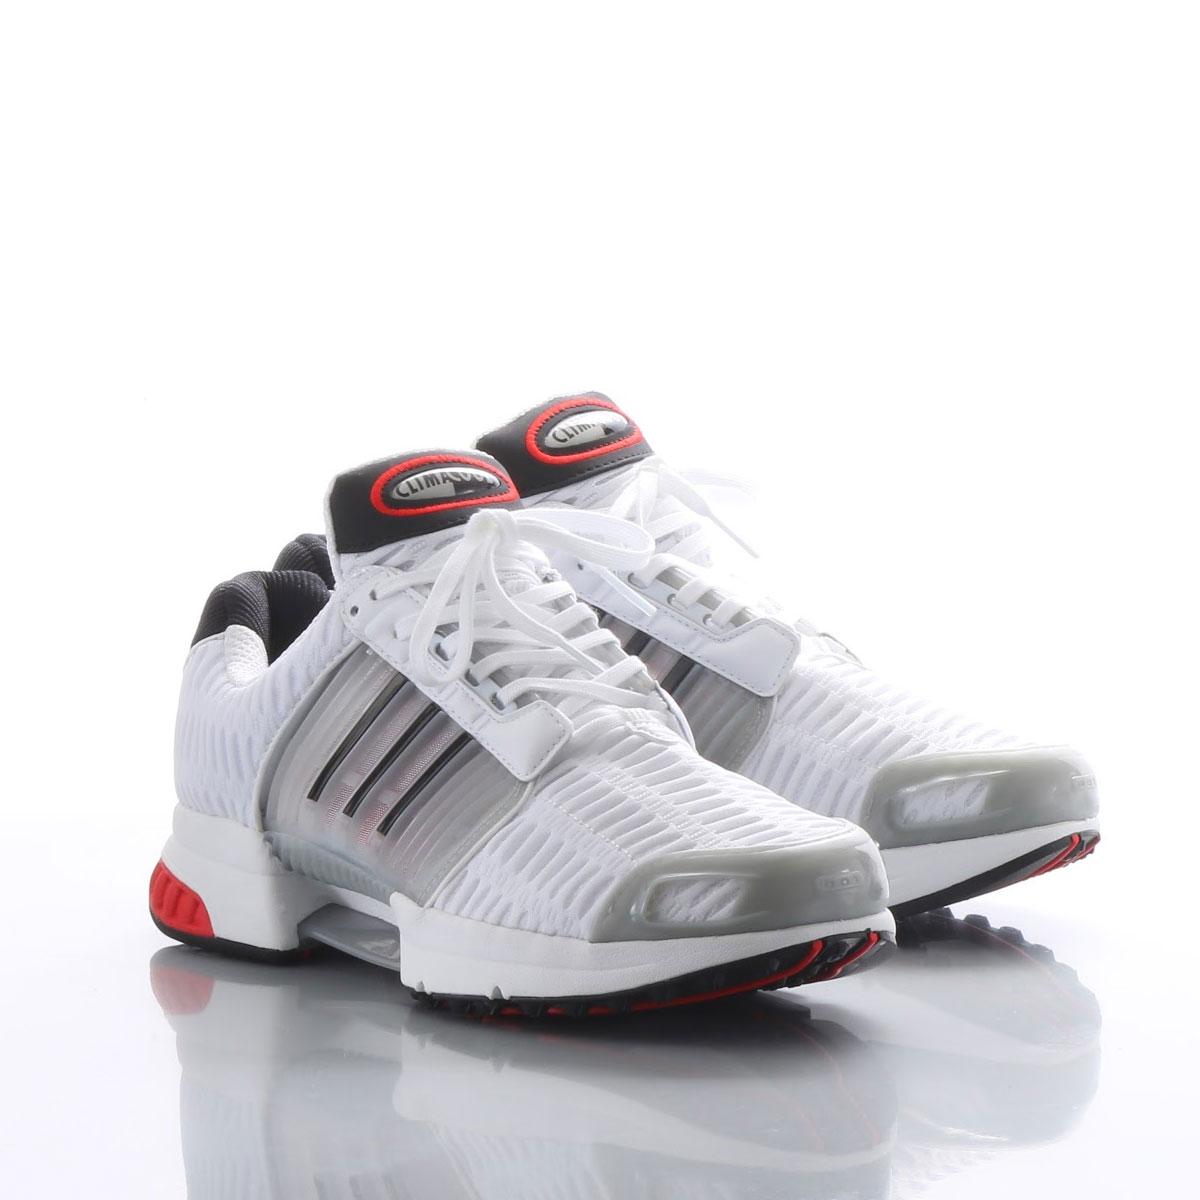 adidas Originals CLIMACOOL 1 (アディダス オリジナルス クライマクール 1) RUNNNING WHITE/CORE BLACK/GRAY TWO F17【メンズ スニーカー】17FW-S